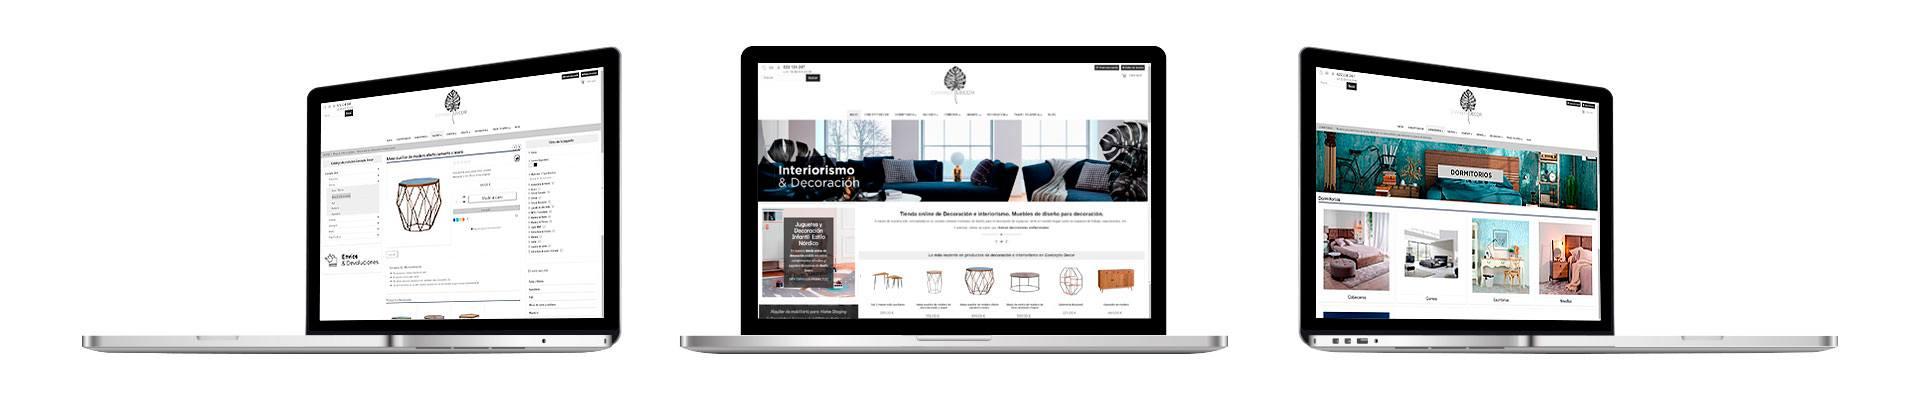 Creación de Landing Pages. Mejora el posicionamiento de tu web con una landing page